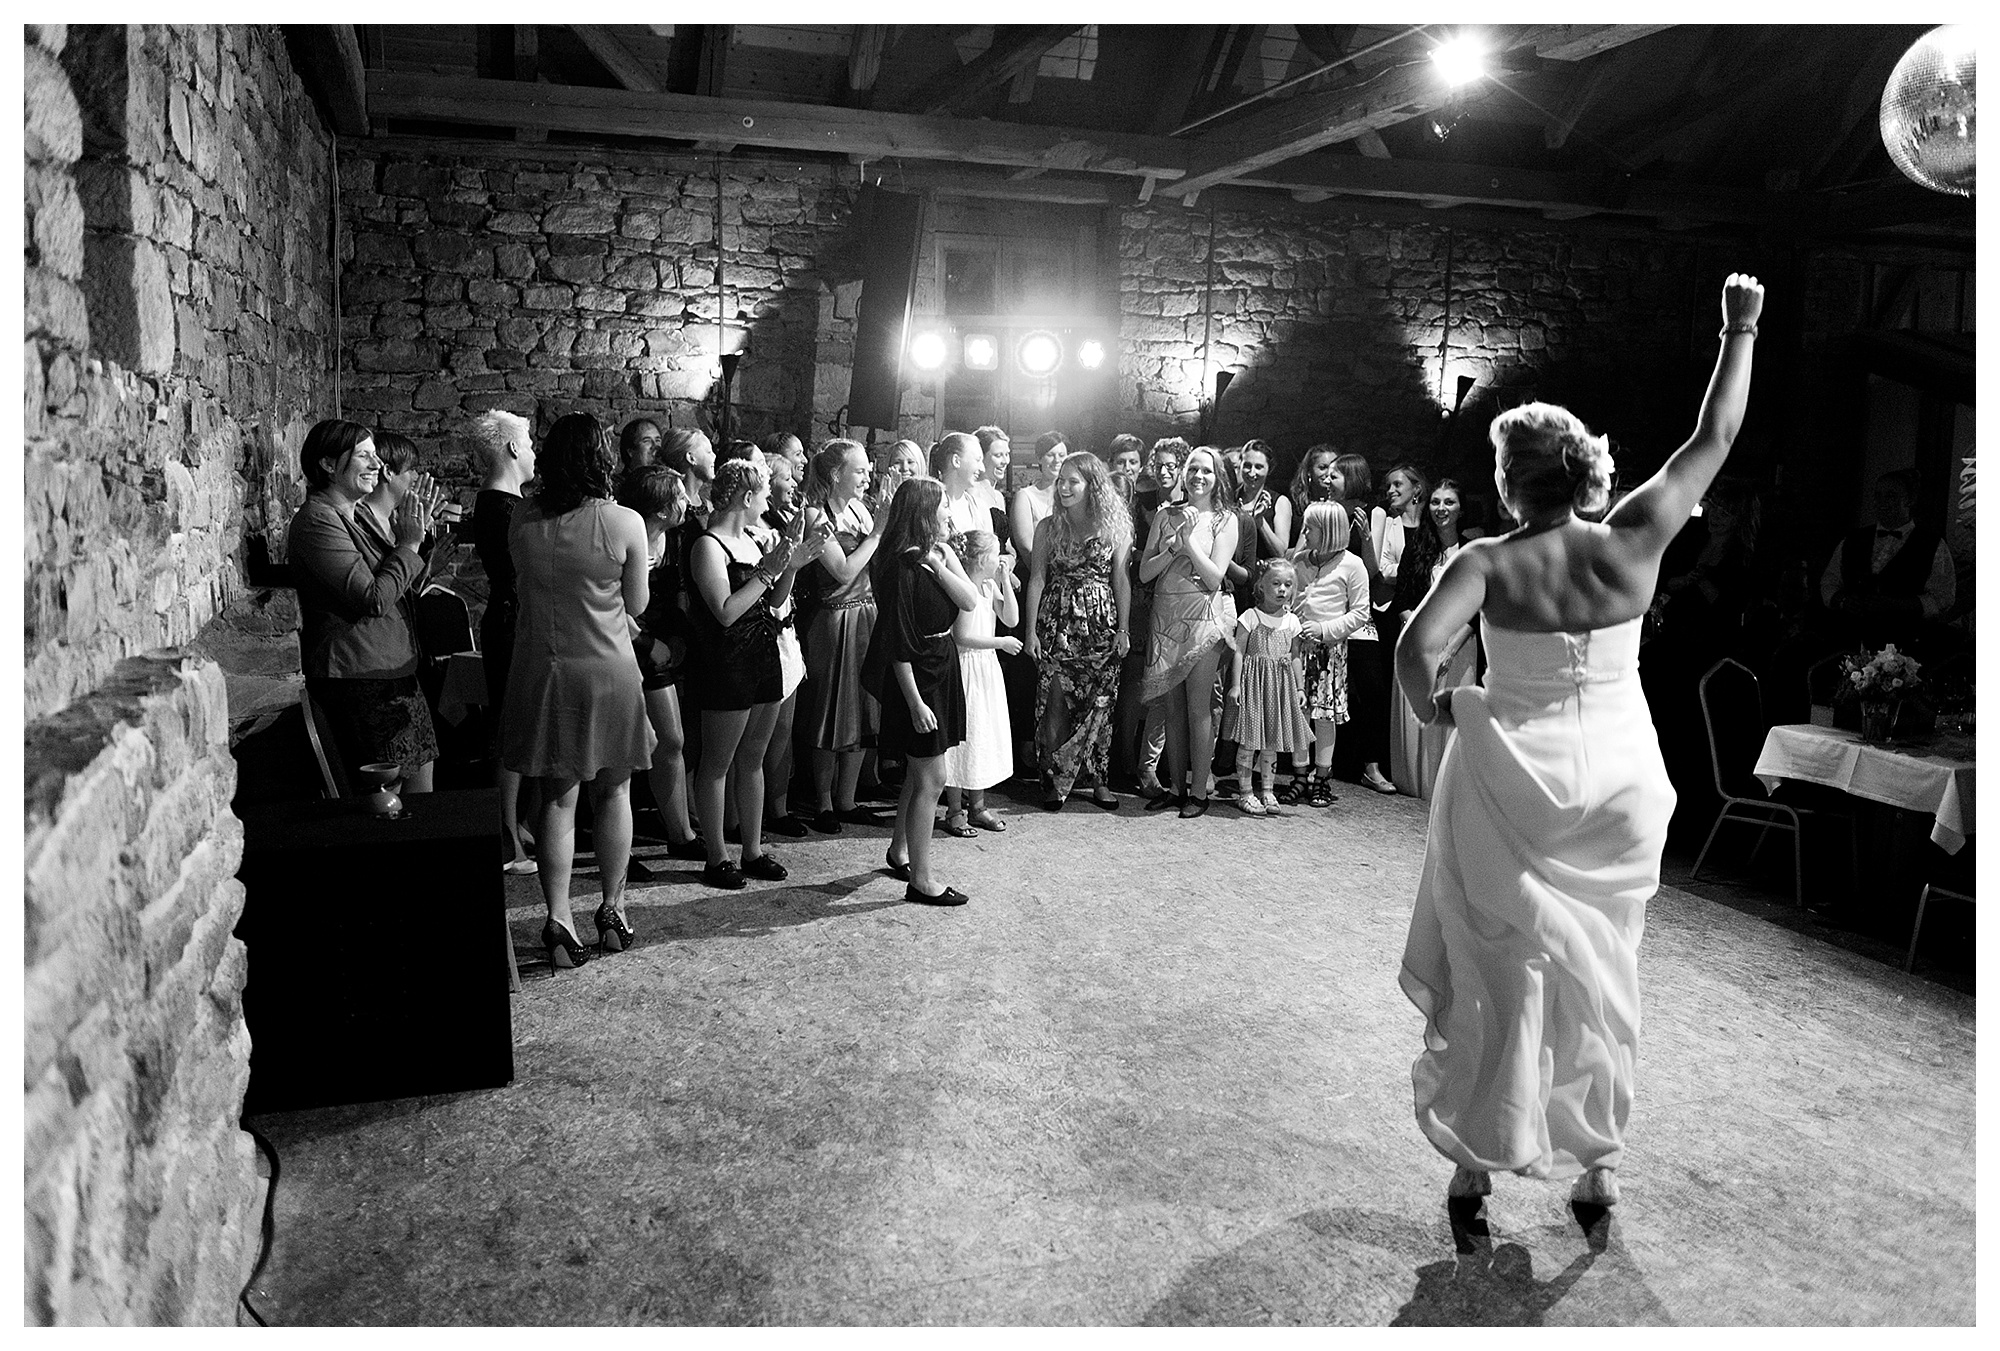 Fotograf Konstanz - Best of 2014 Elmar Feuerbacher Photography Hochzeit Portrait 057 - Rückblick auf 2014  - 68 -